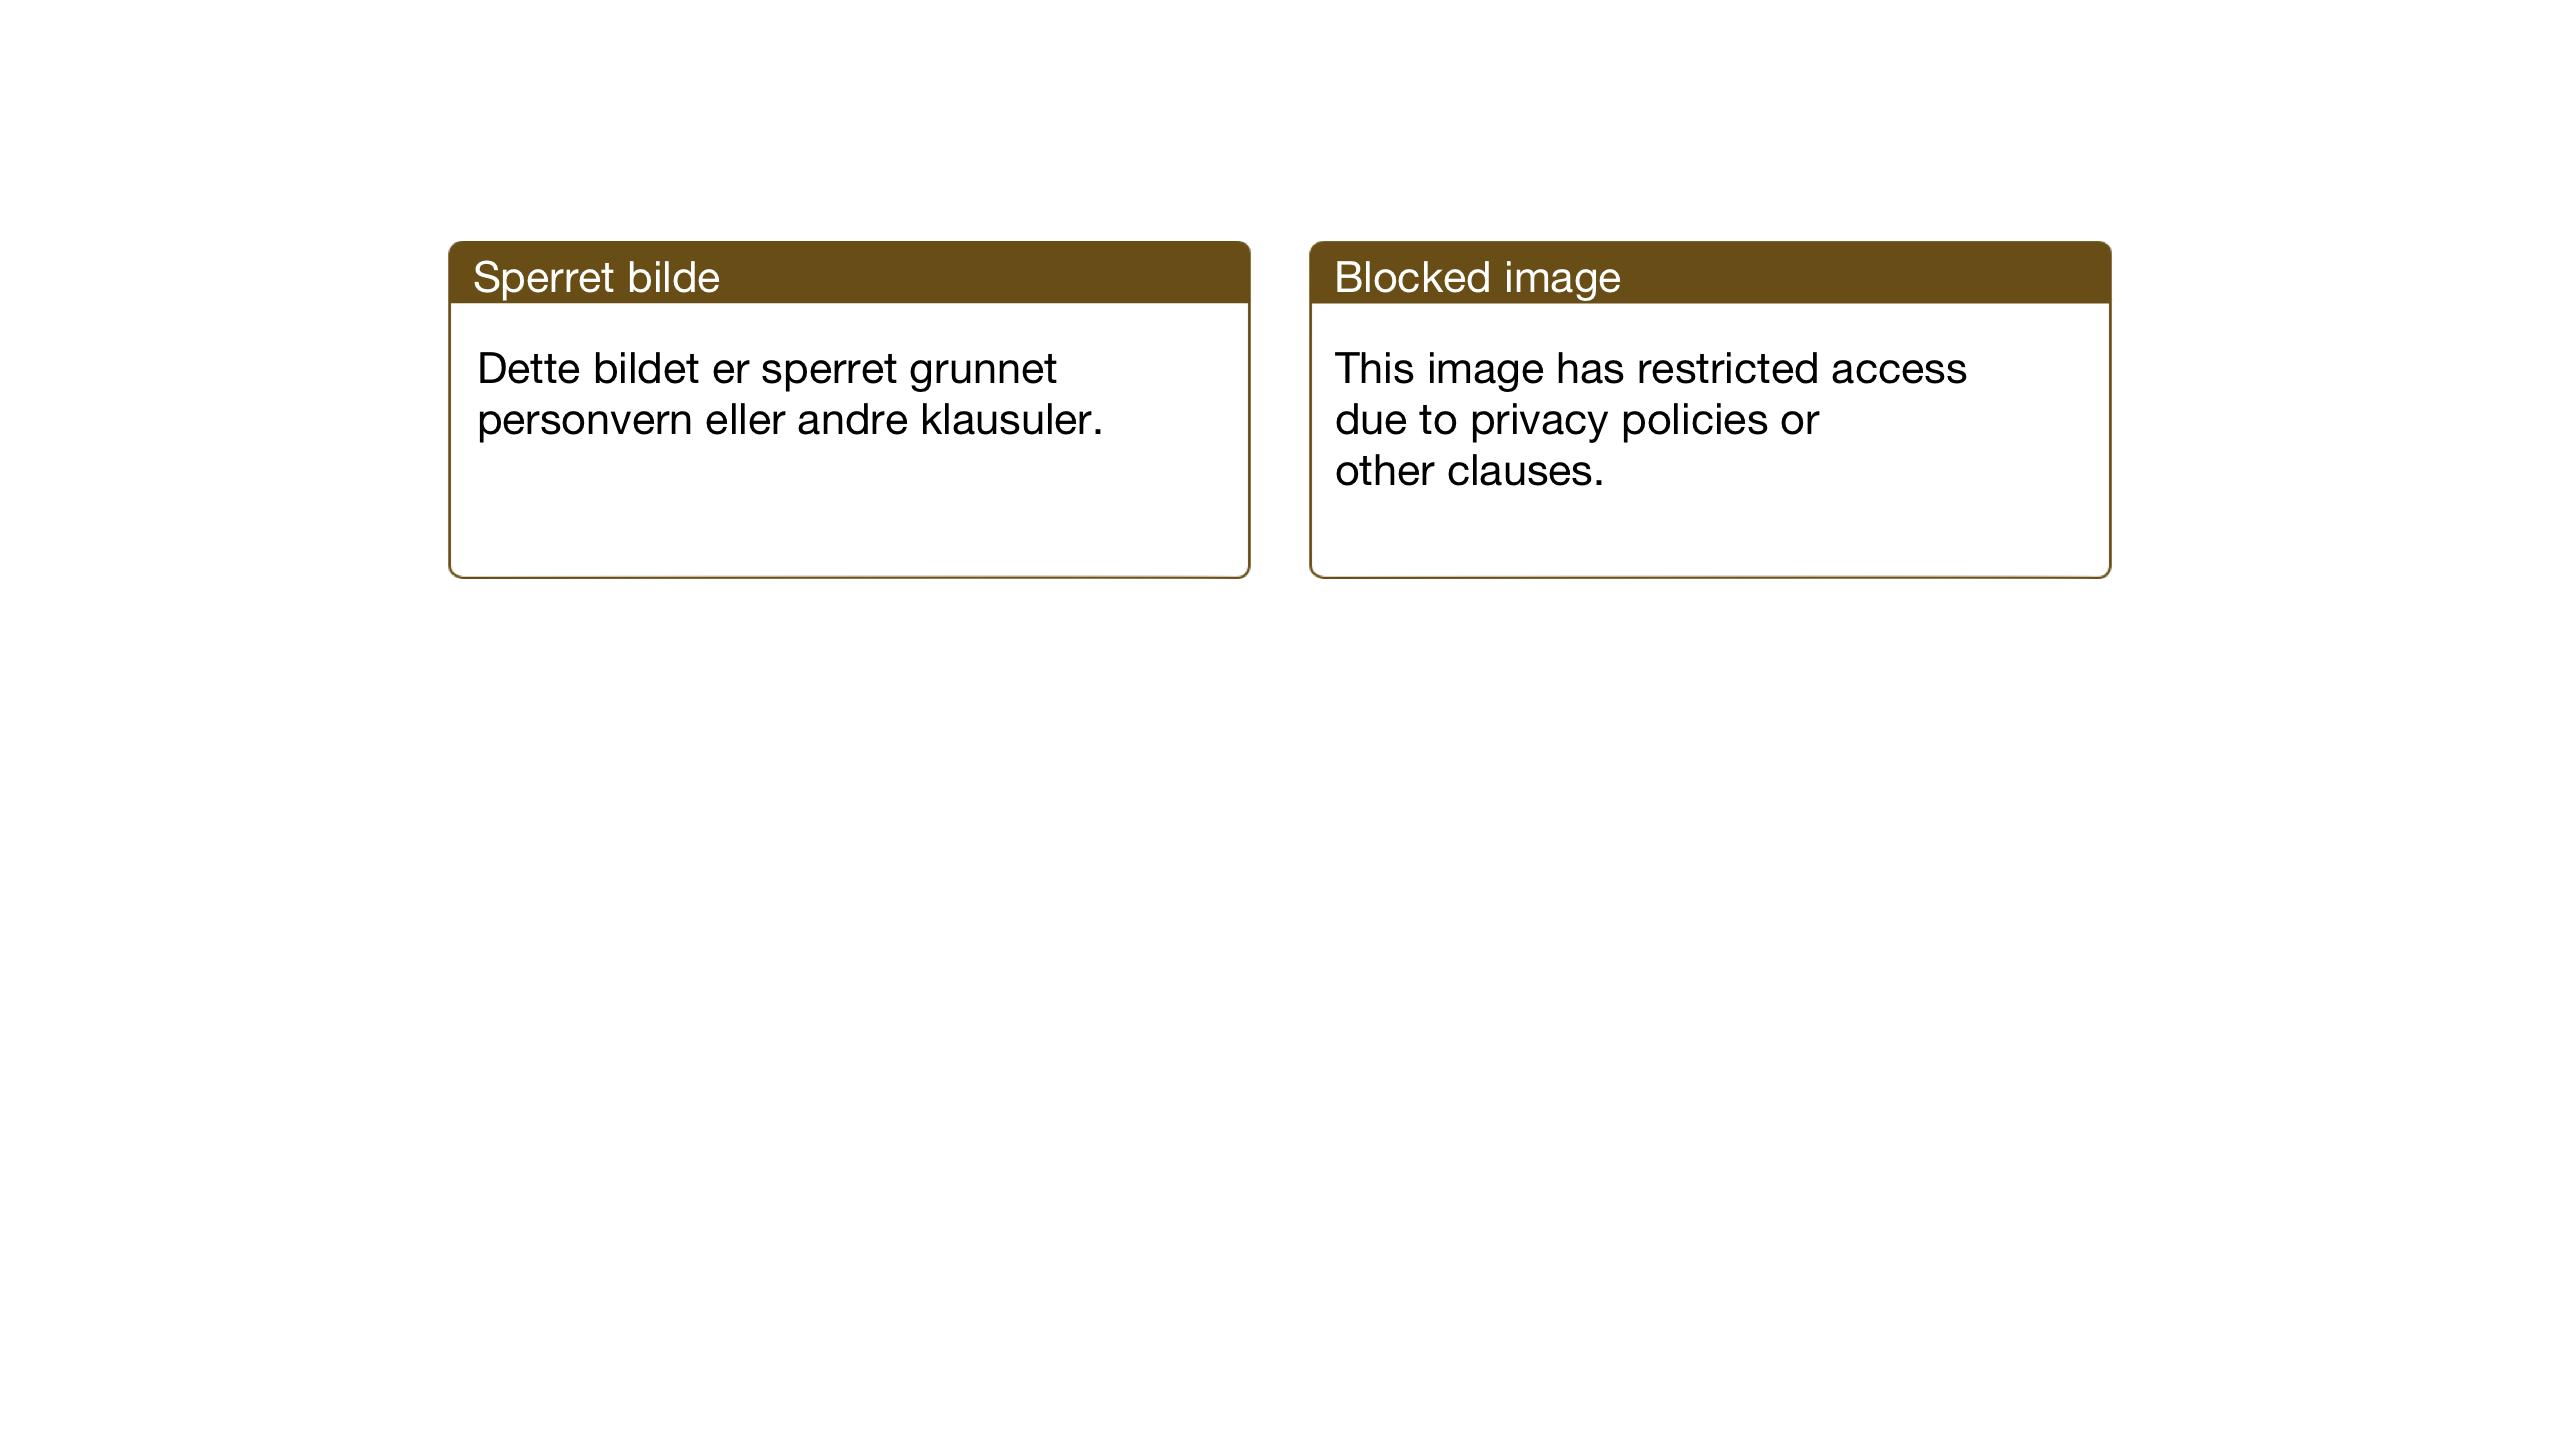 SAT, Ministerialprotokoller, klokkerbøker og fødselsregistre - Sør-Trøndelag, 665/L0778: Klokkerbok nr. 665C03, 1916-1938, s. 50